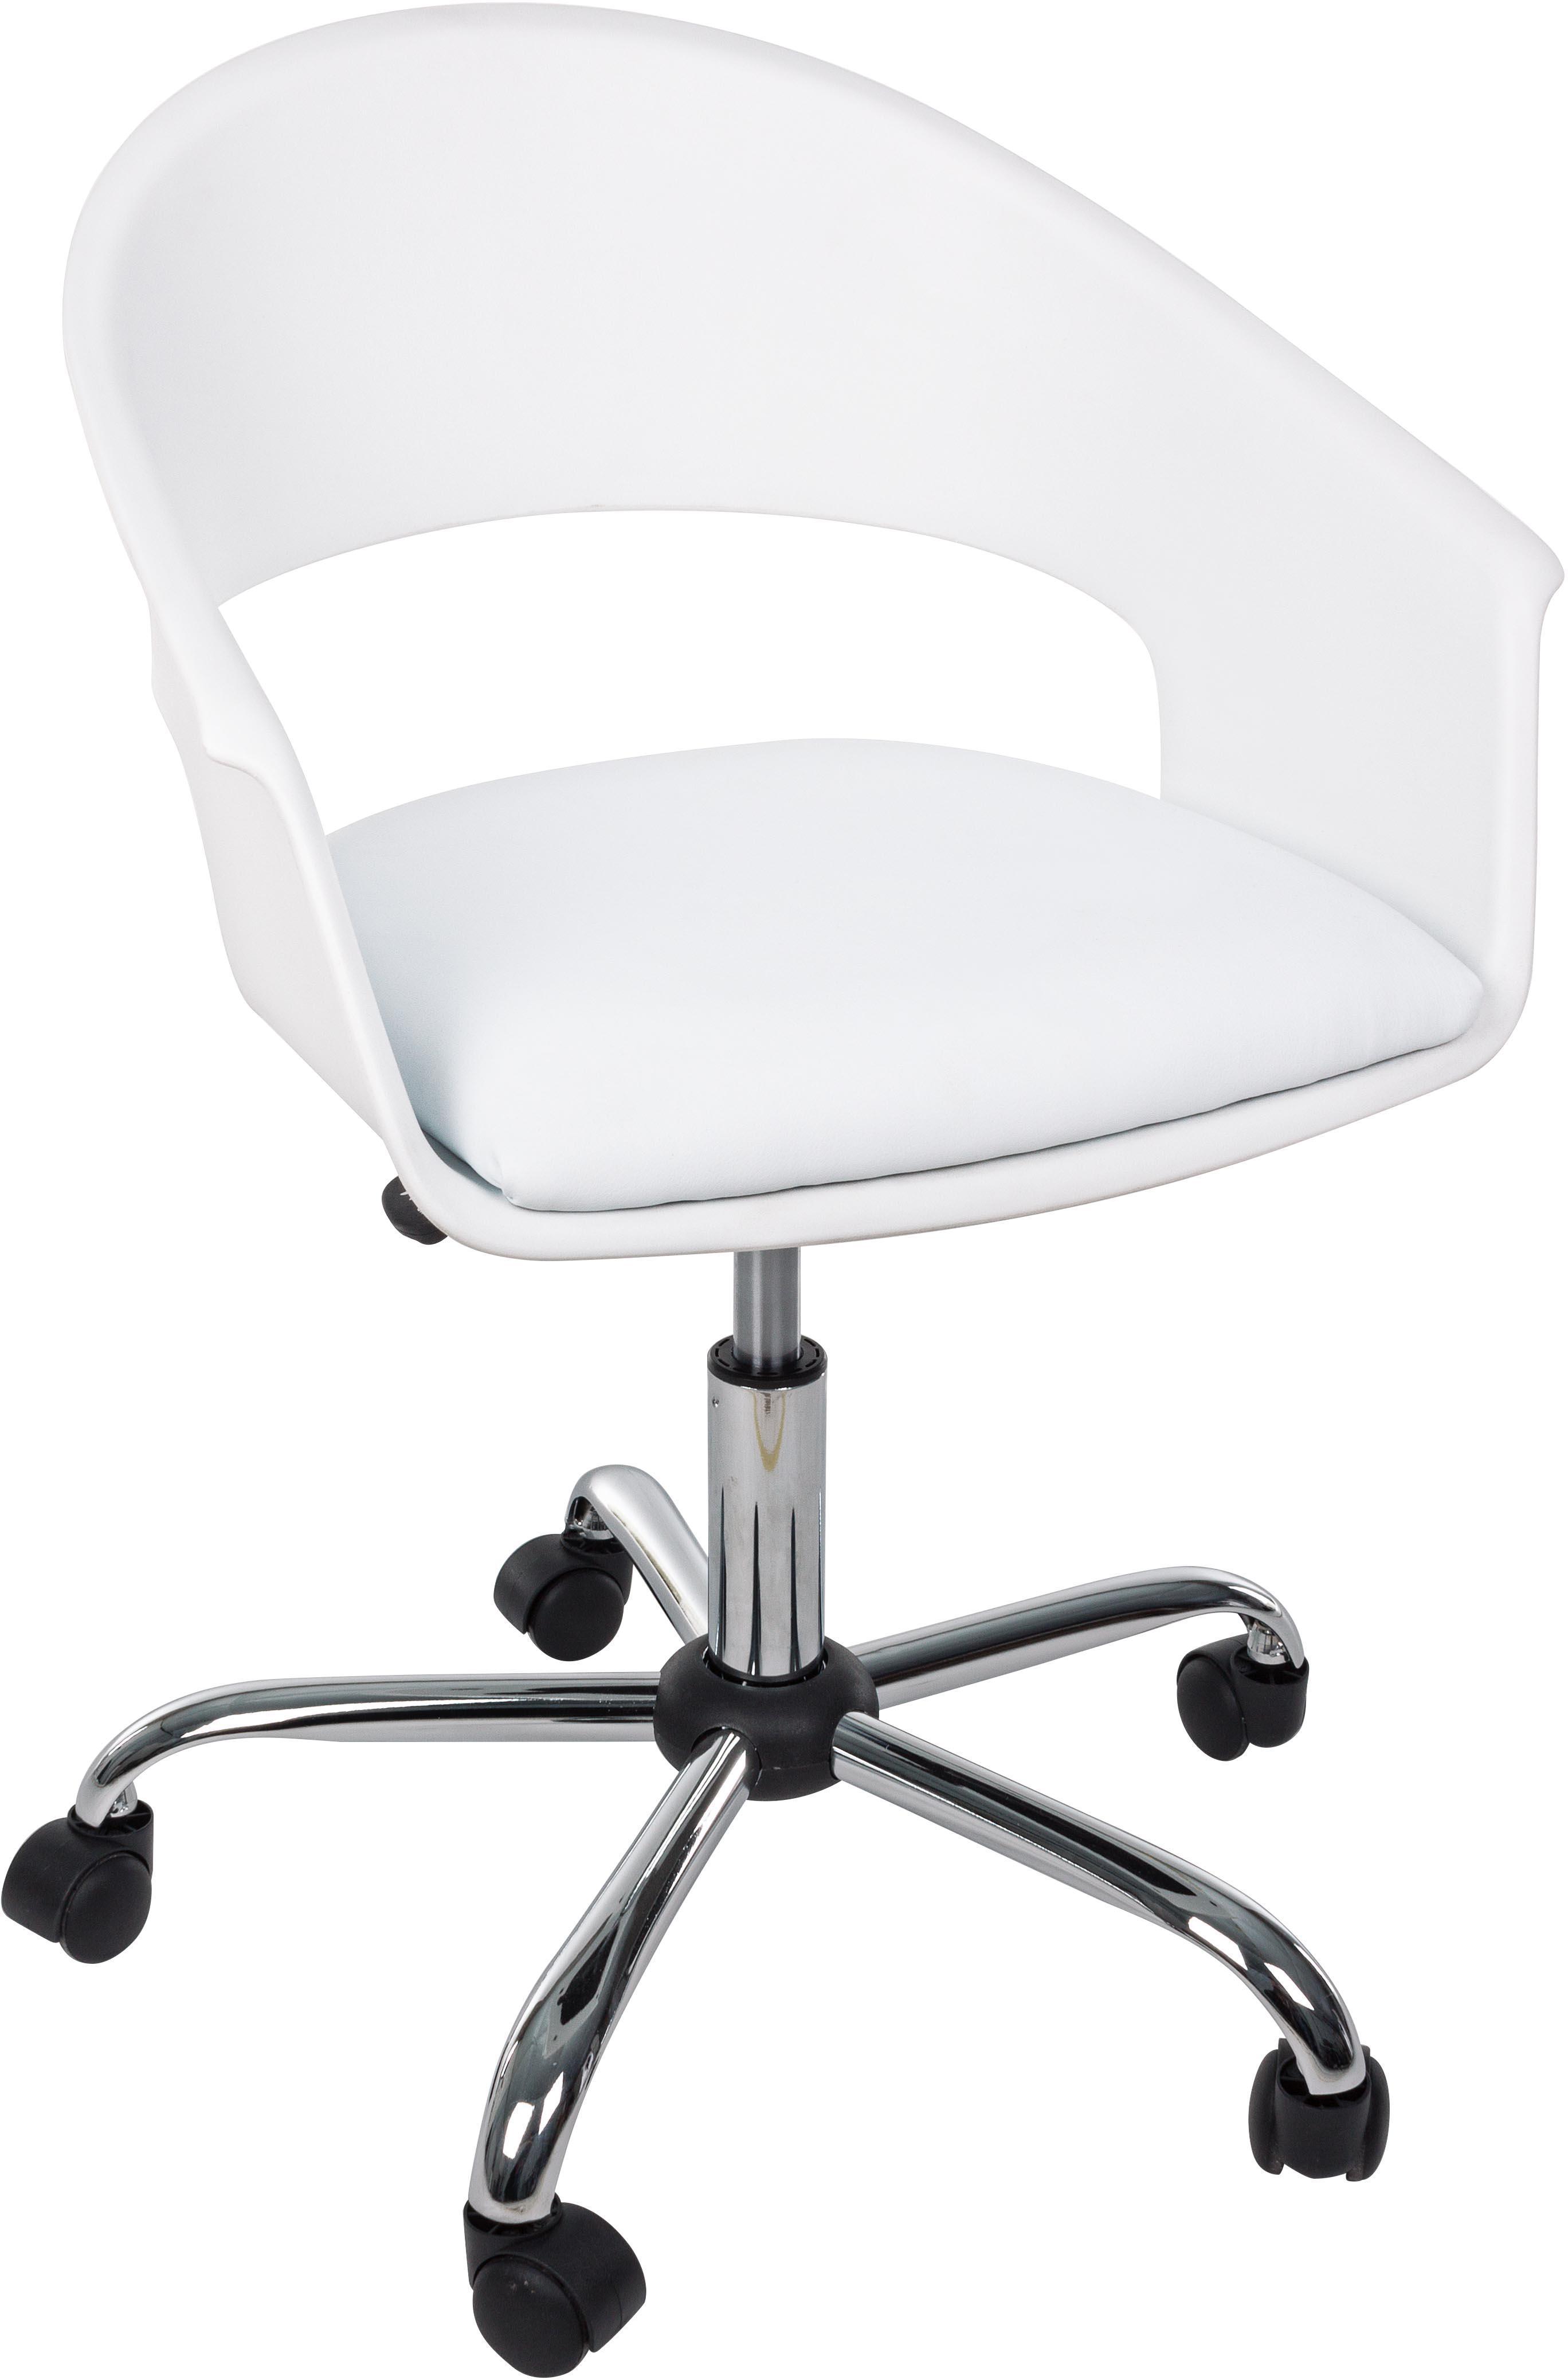 Biurowe krzesło obrotowe Wells, Stelaż: metal chromowany, Biały, S 50 x G 58 cm